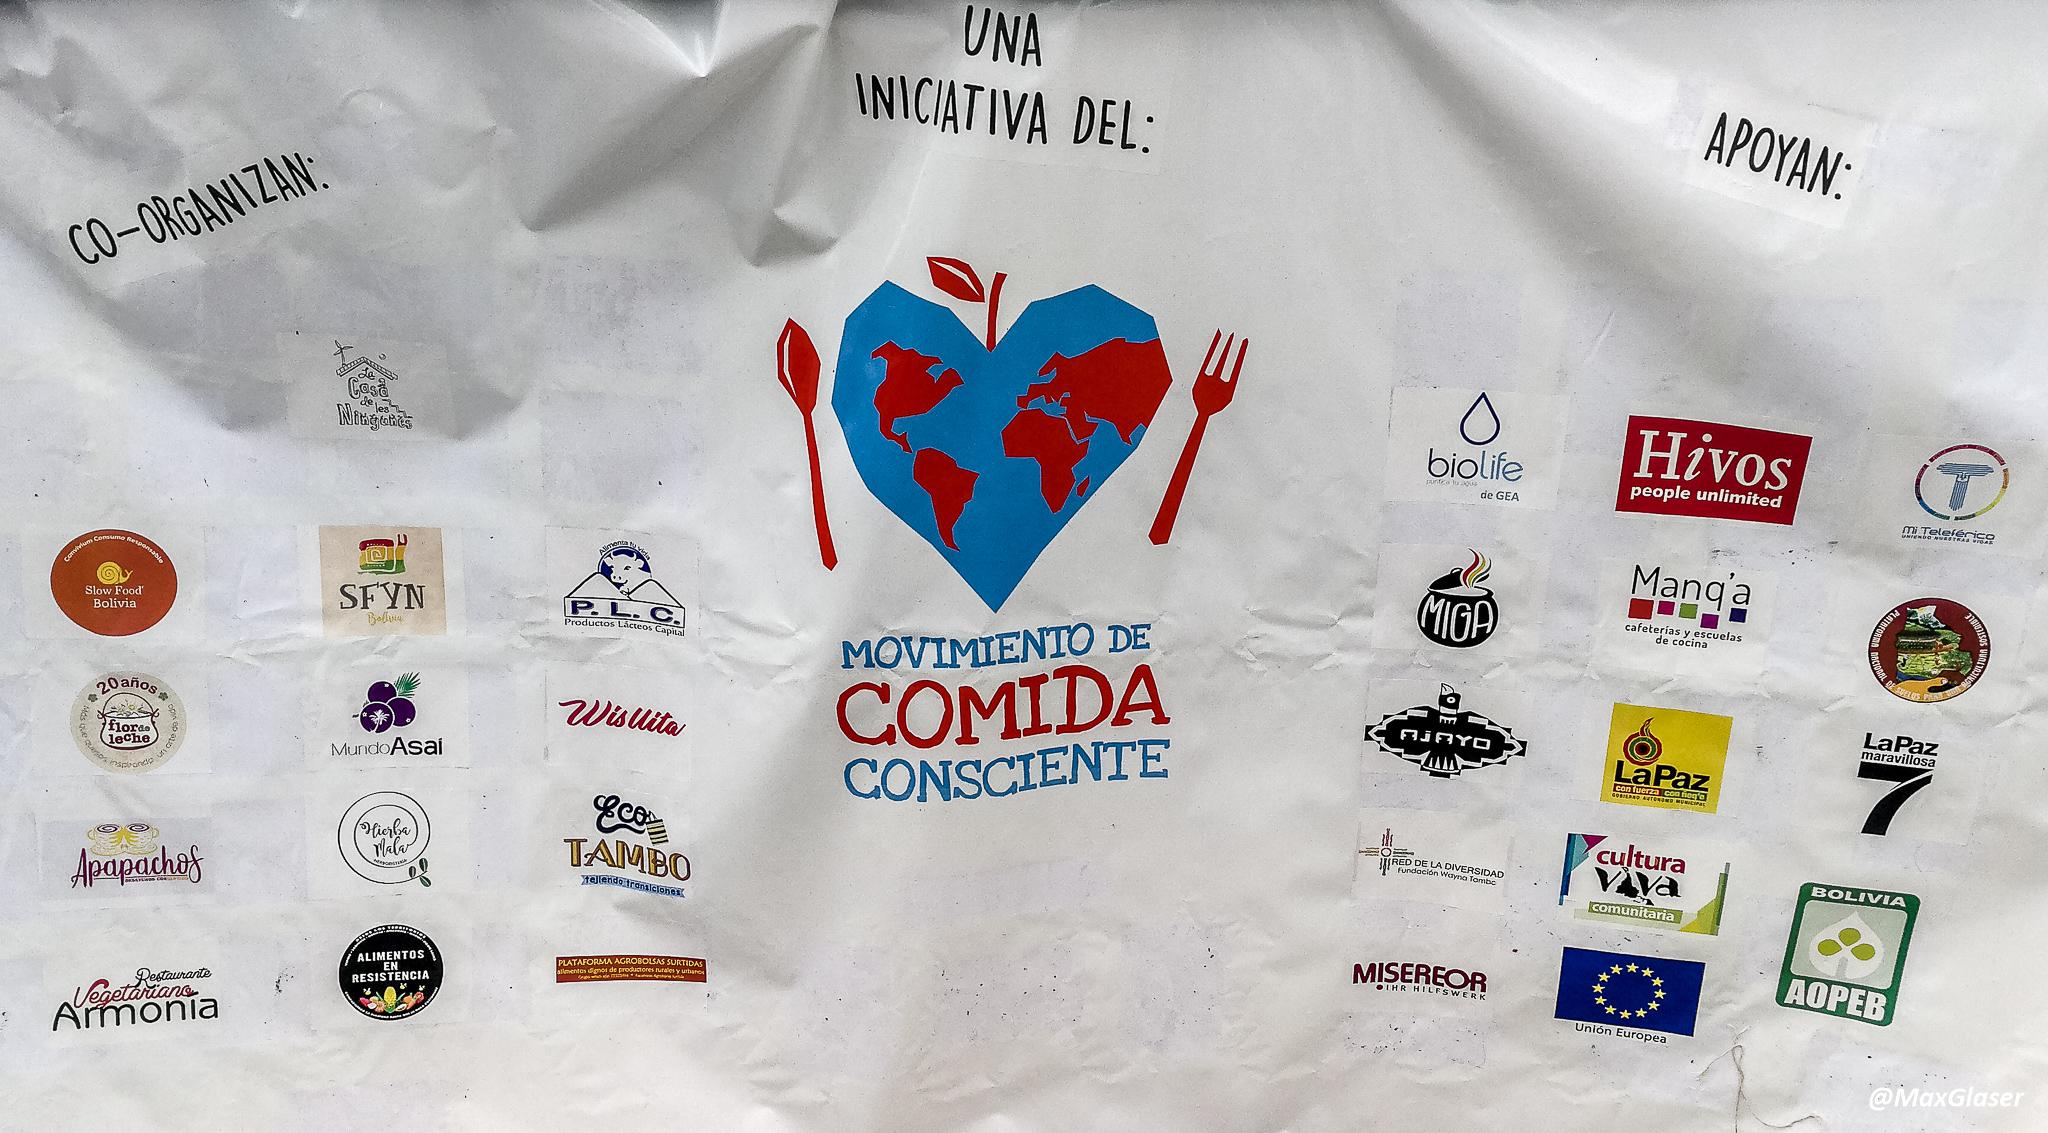 Grupos que participan en el movimiento de Comida Consciente